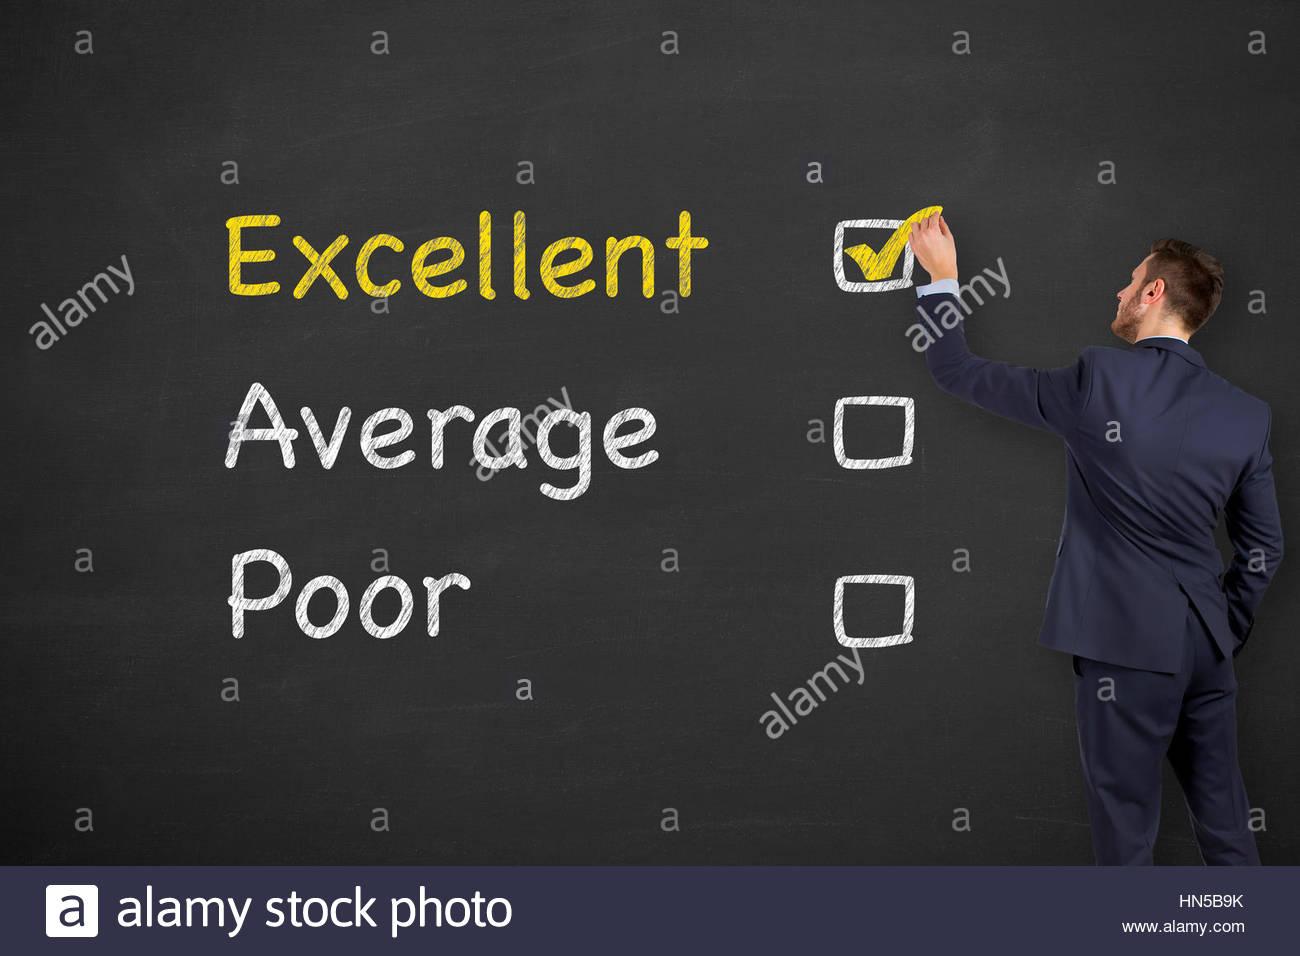 La soddisfazione del cliente concetti su lavagna Immagini Stock